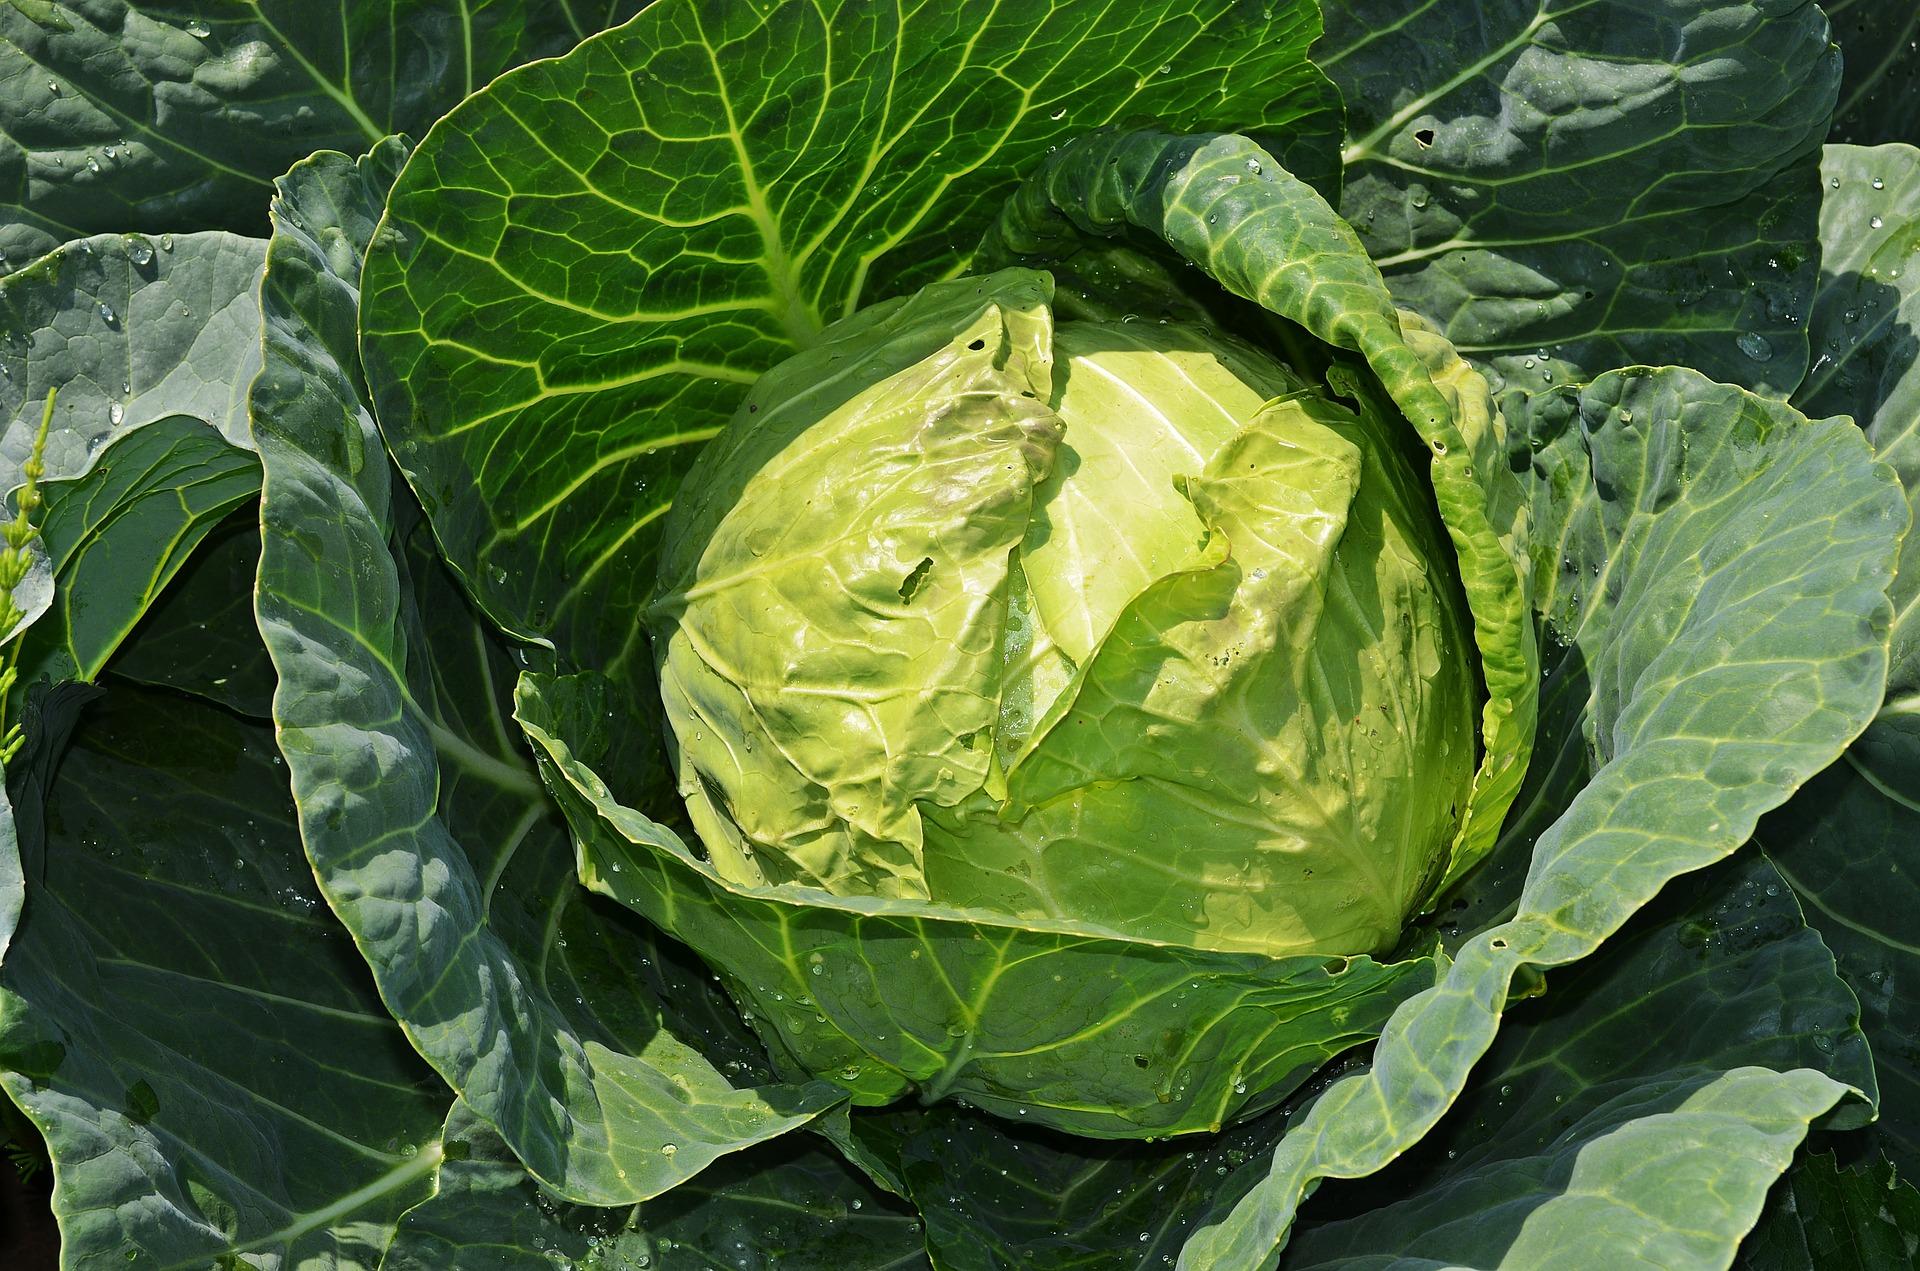 Kysané zelí - vitamínová bomba pro detoxikaci i posílení imunity